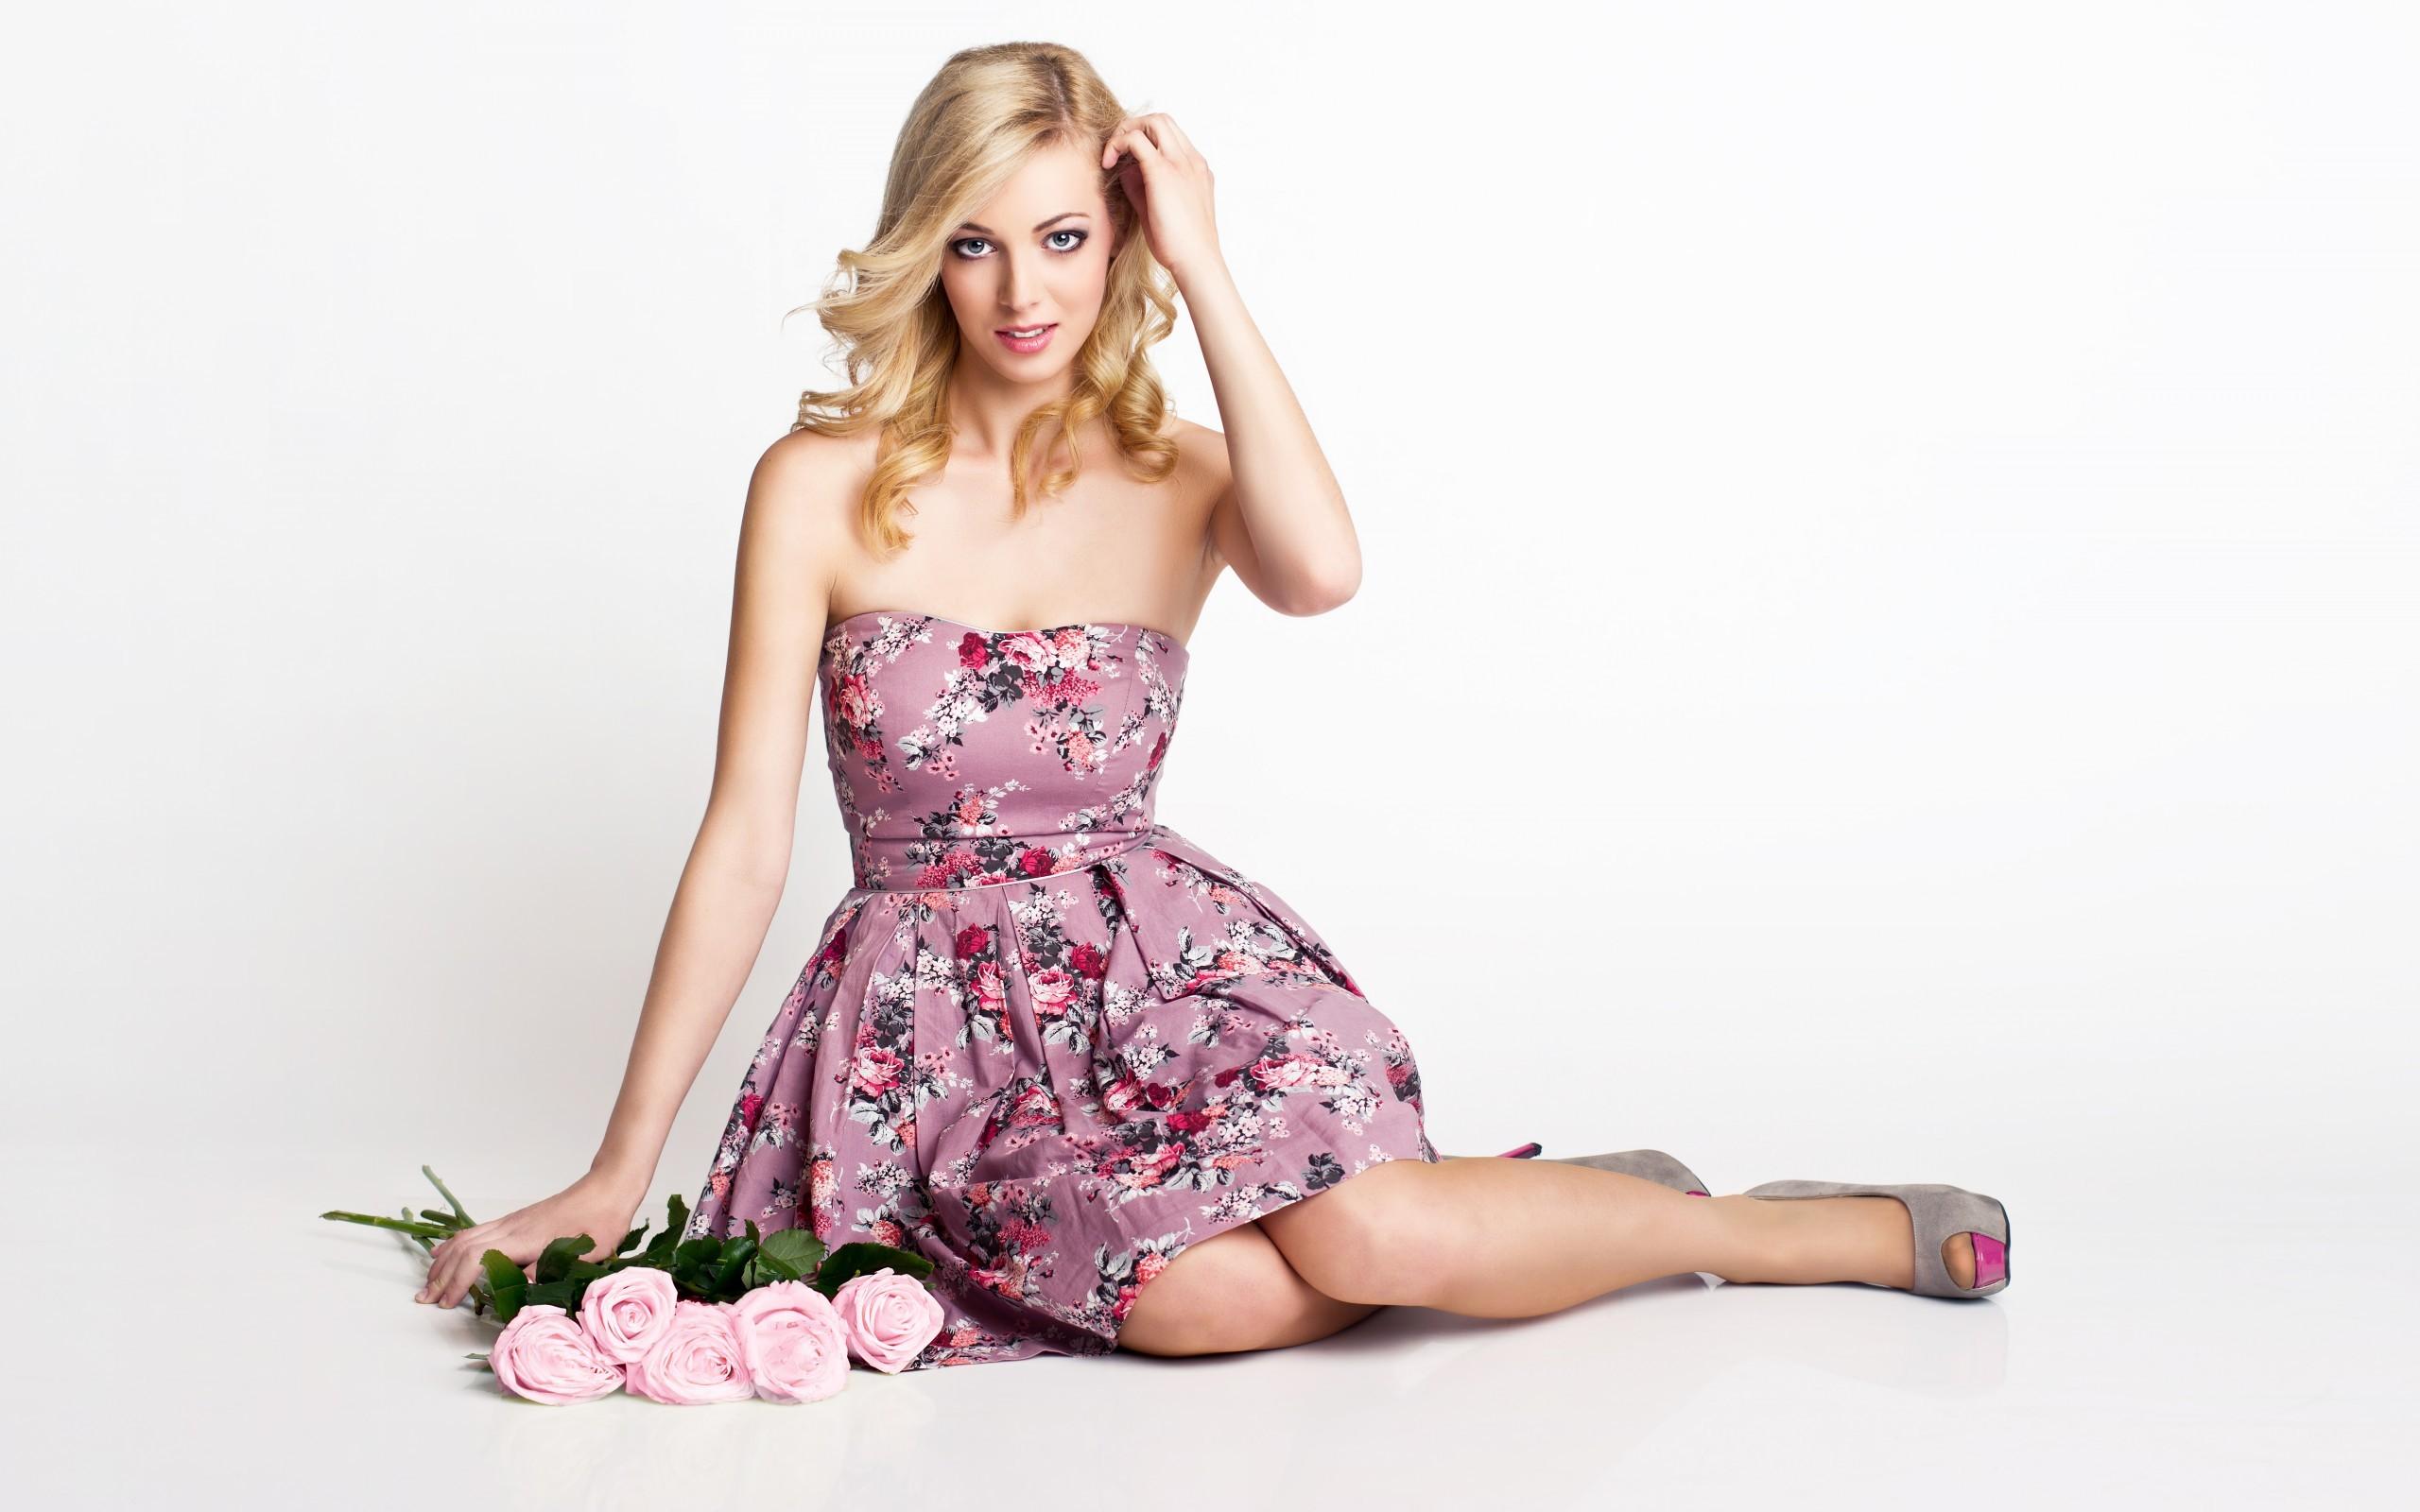 Фото девушке в платье вставили 22 фотография